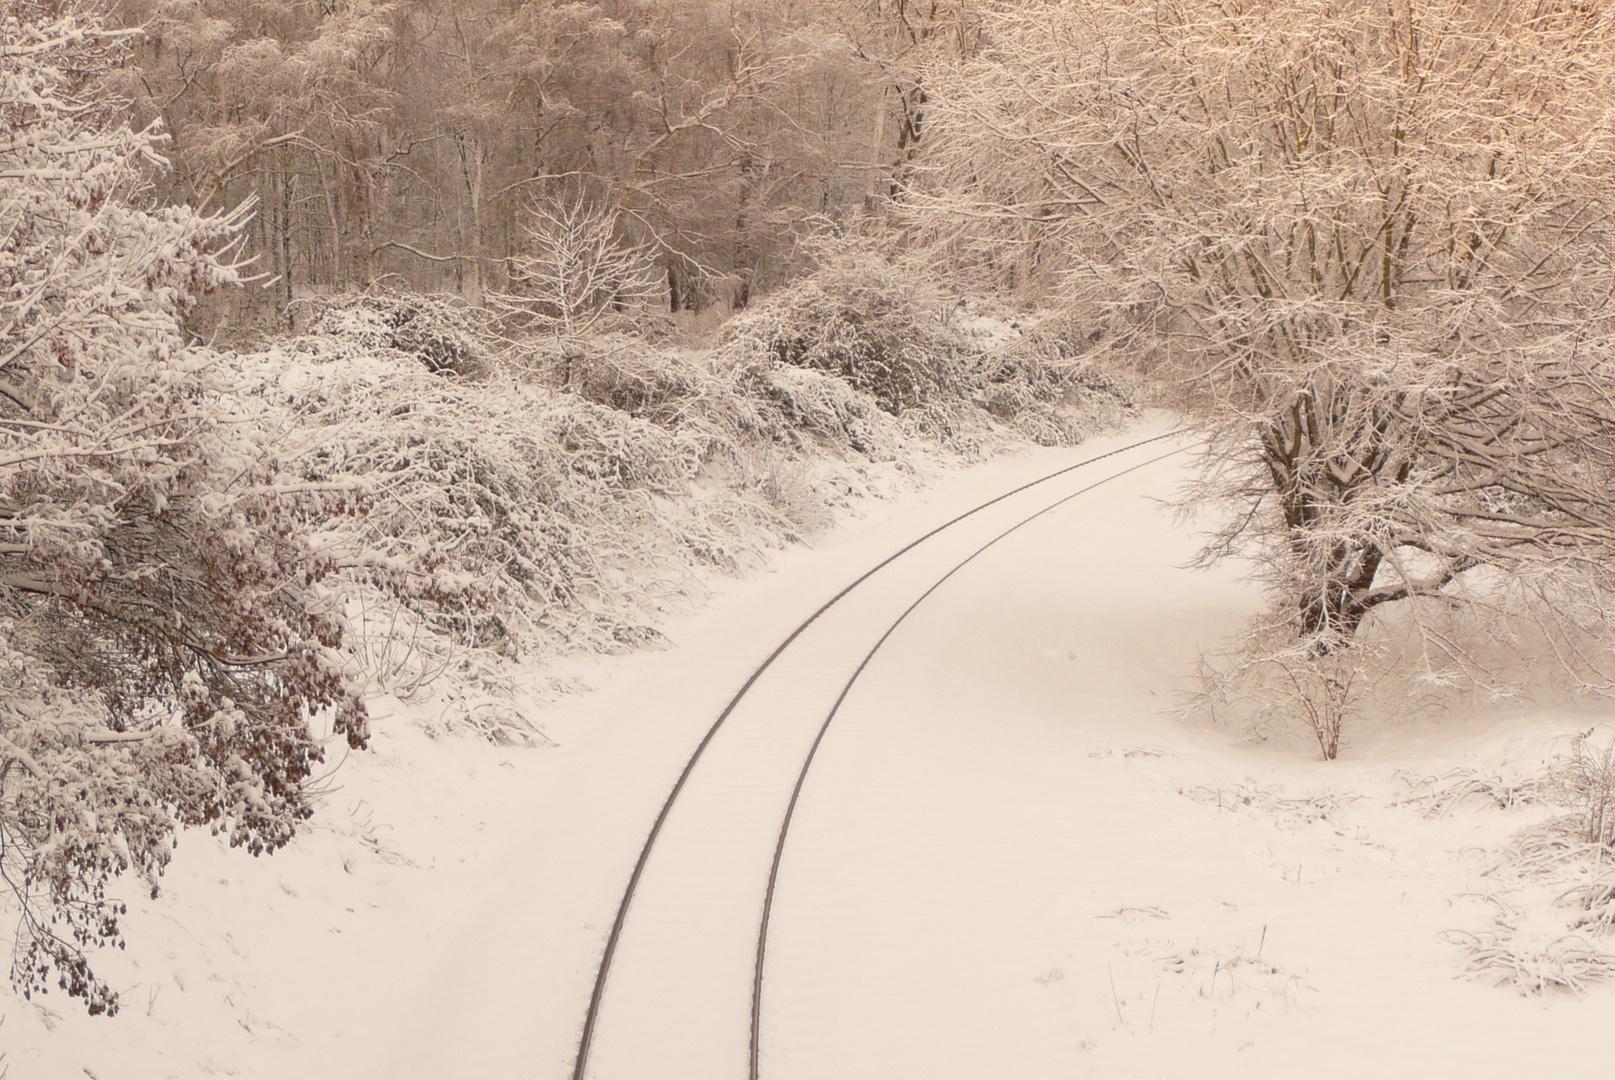 Es geht ein Zug nach nirgendwo